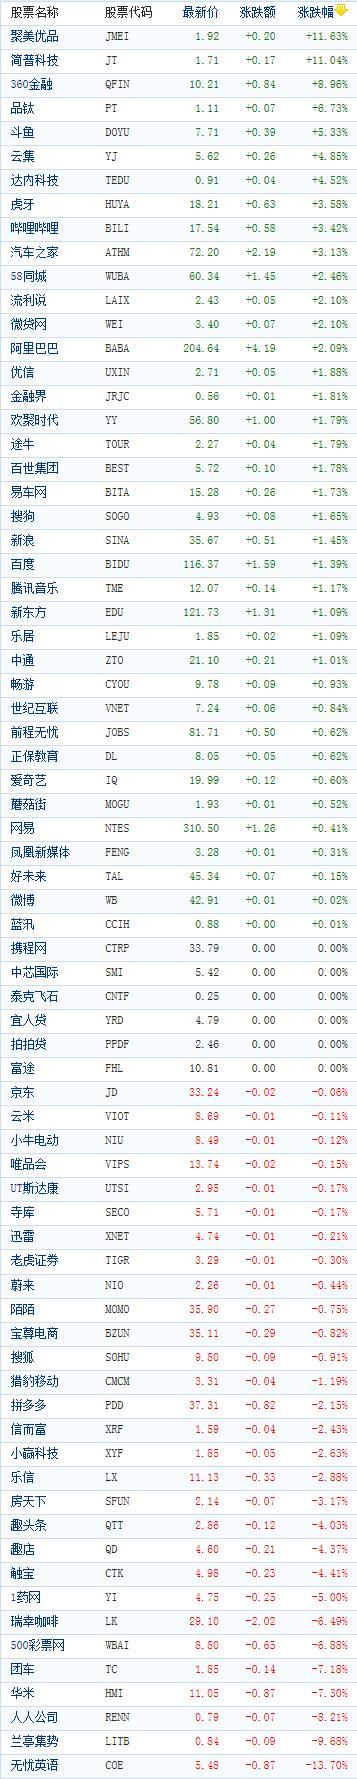 中国概念股周三收盘涨跌互现 简普科技大涨逾11%